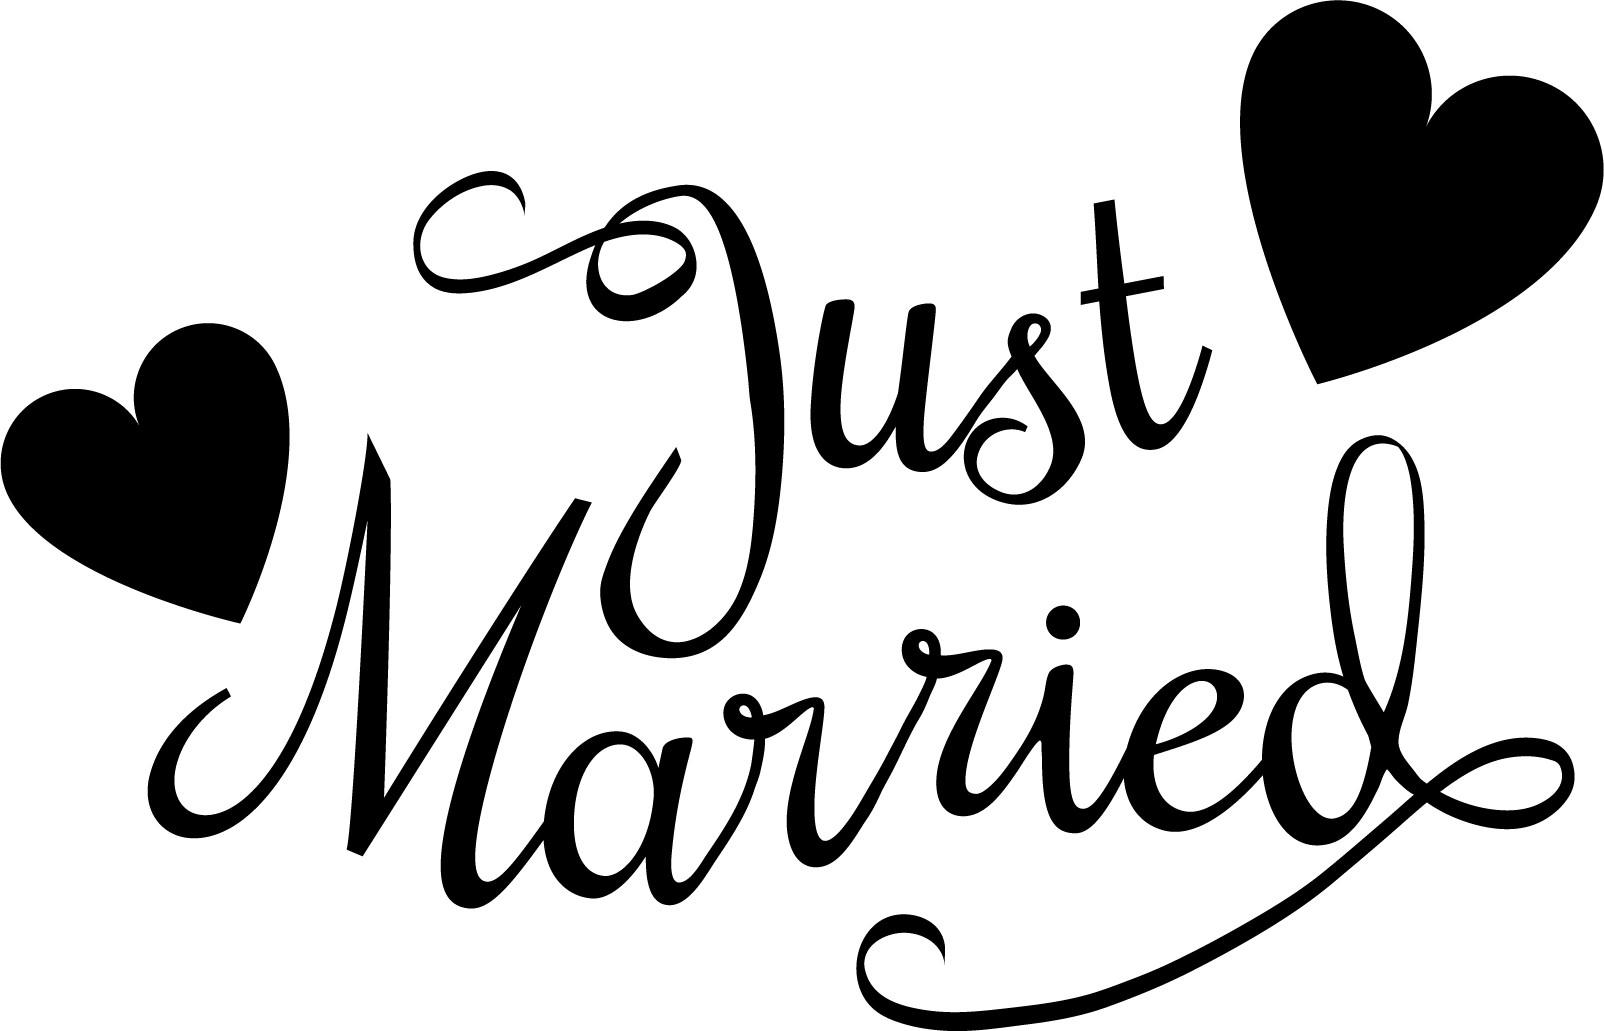 بالصور صور عن عيد الزواج , خلفيات للاحتفال بعيد الزواج 5752 4